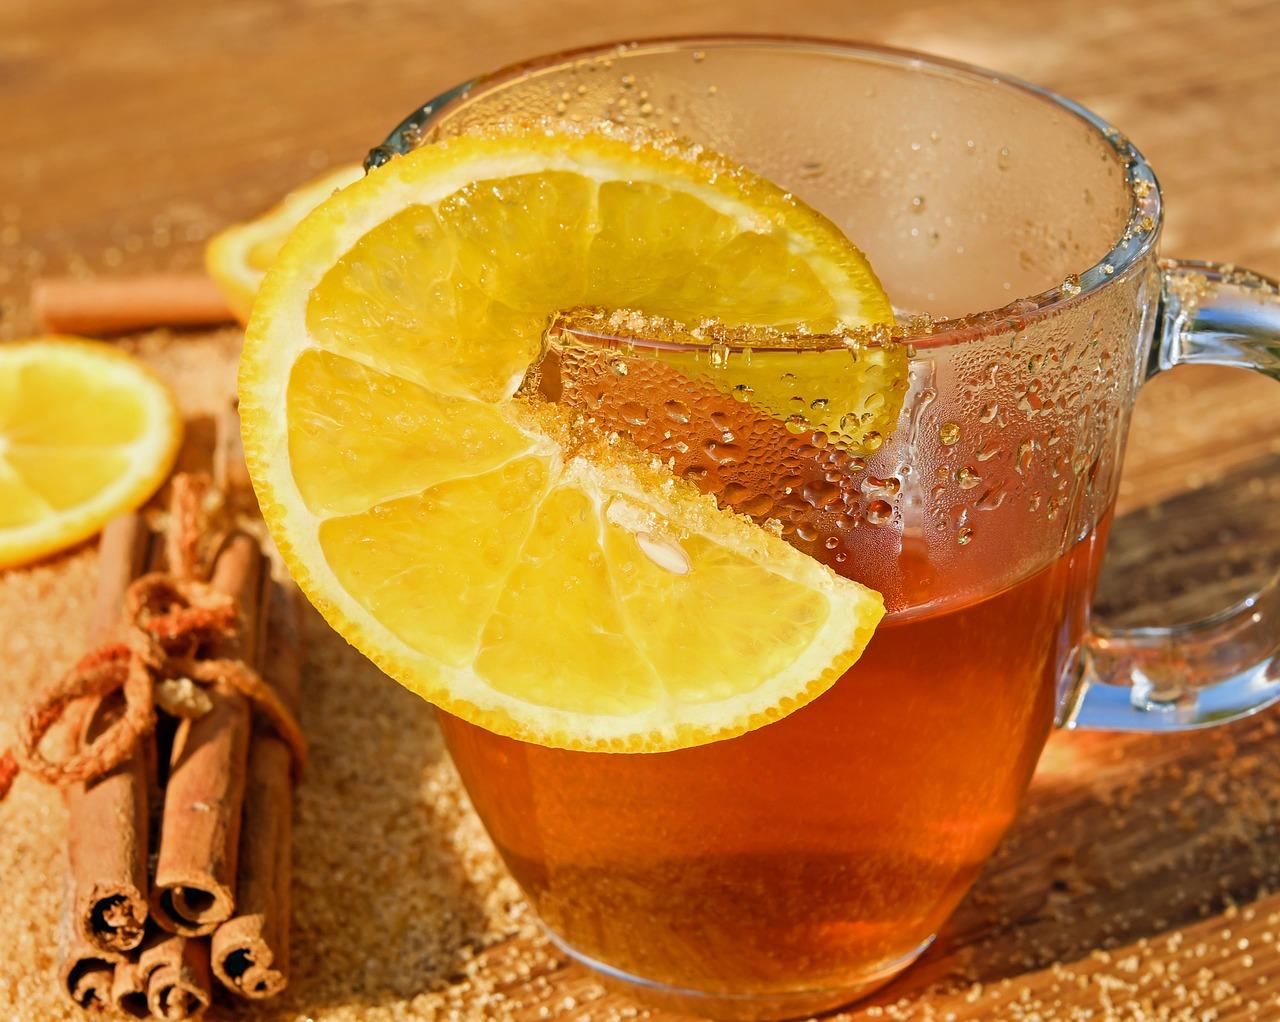 水出し紅茶を作る方法とは?どれくらいの時間がかかる?